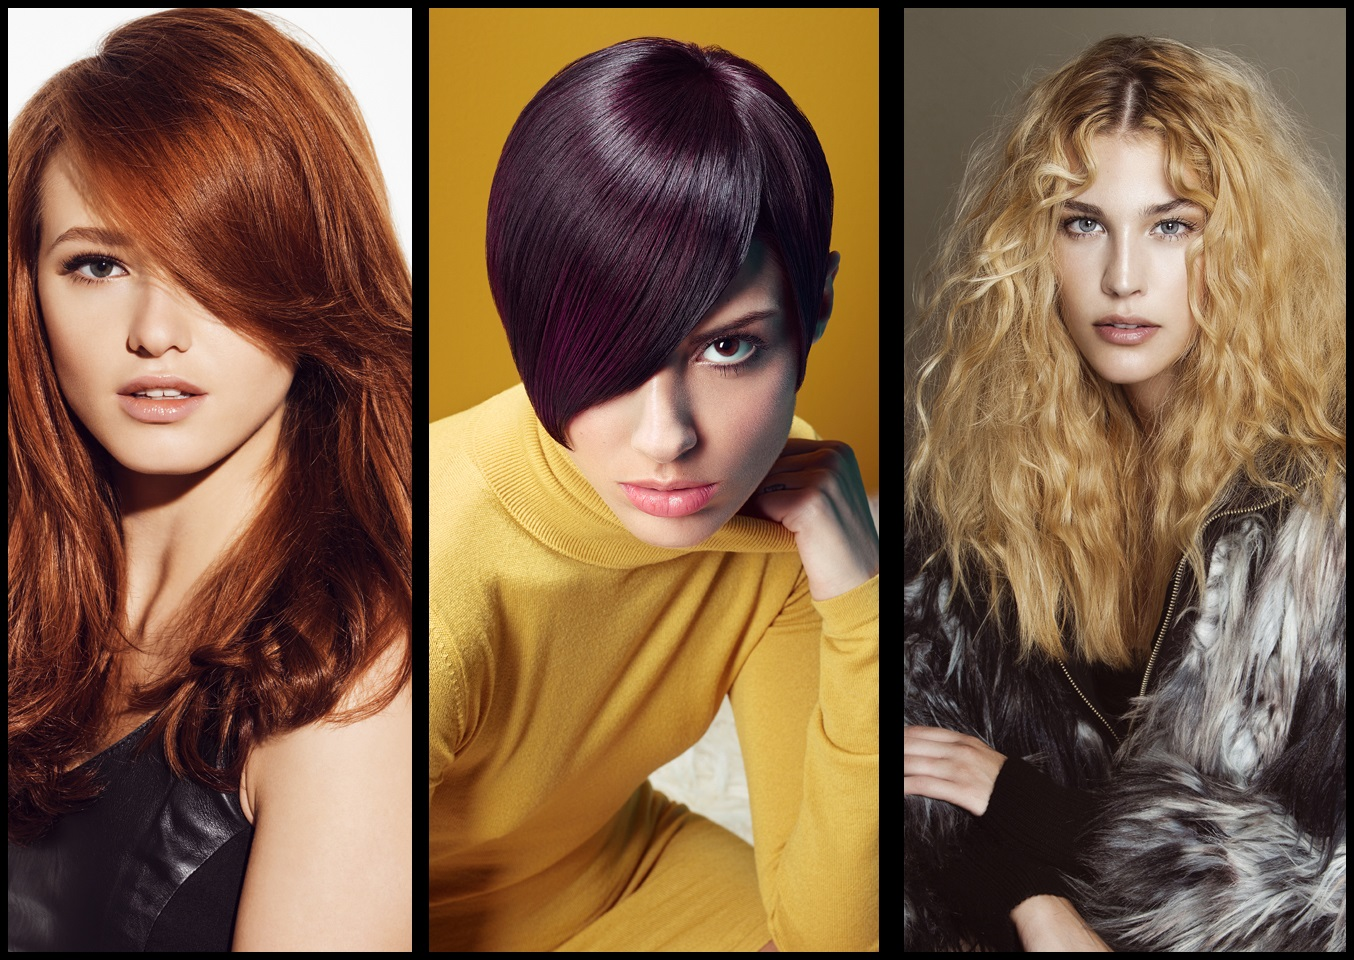 Capelli: i colori di tendenza autunno e inverno 2015-2016 - Glamour.it